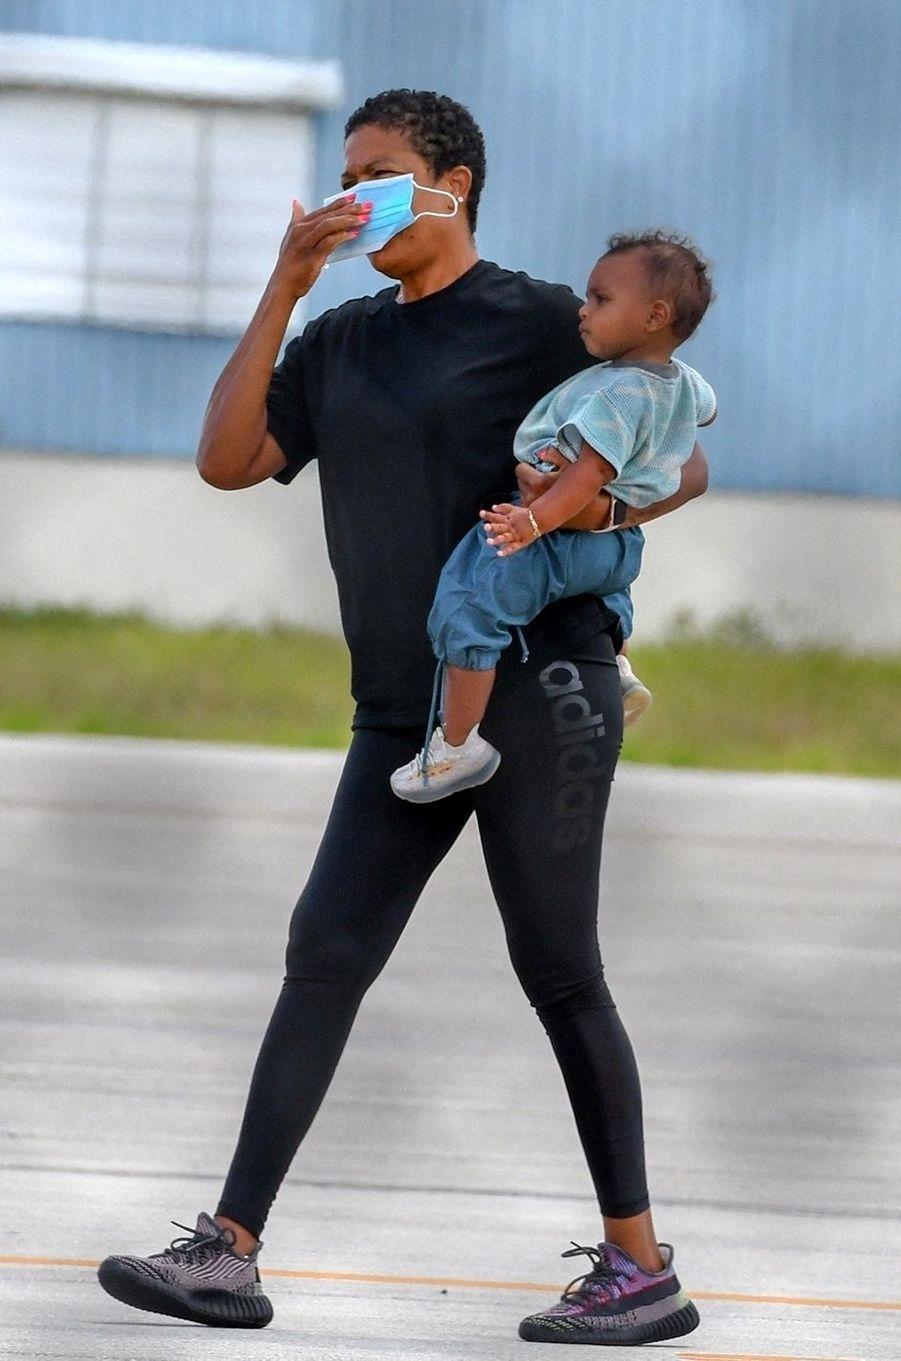 Psalm West dans les bras de sa nounouà la sortie d'un avion privé à Miami le 9 août 2020